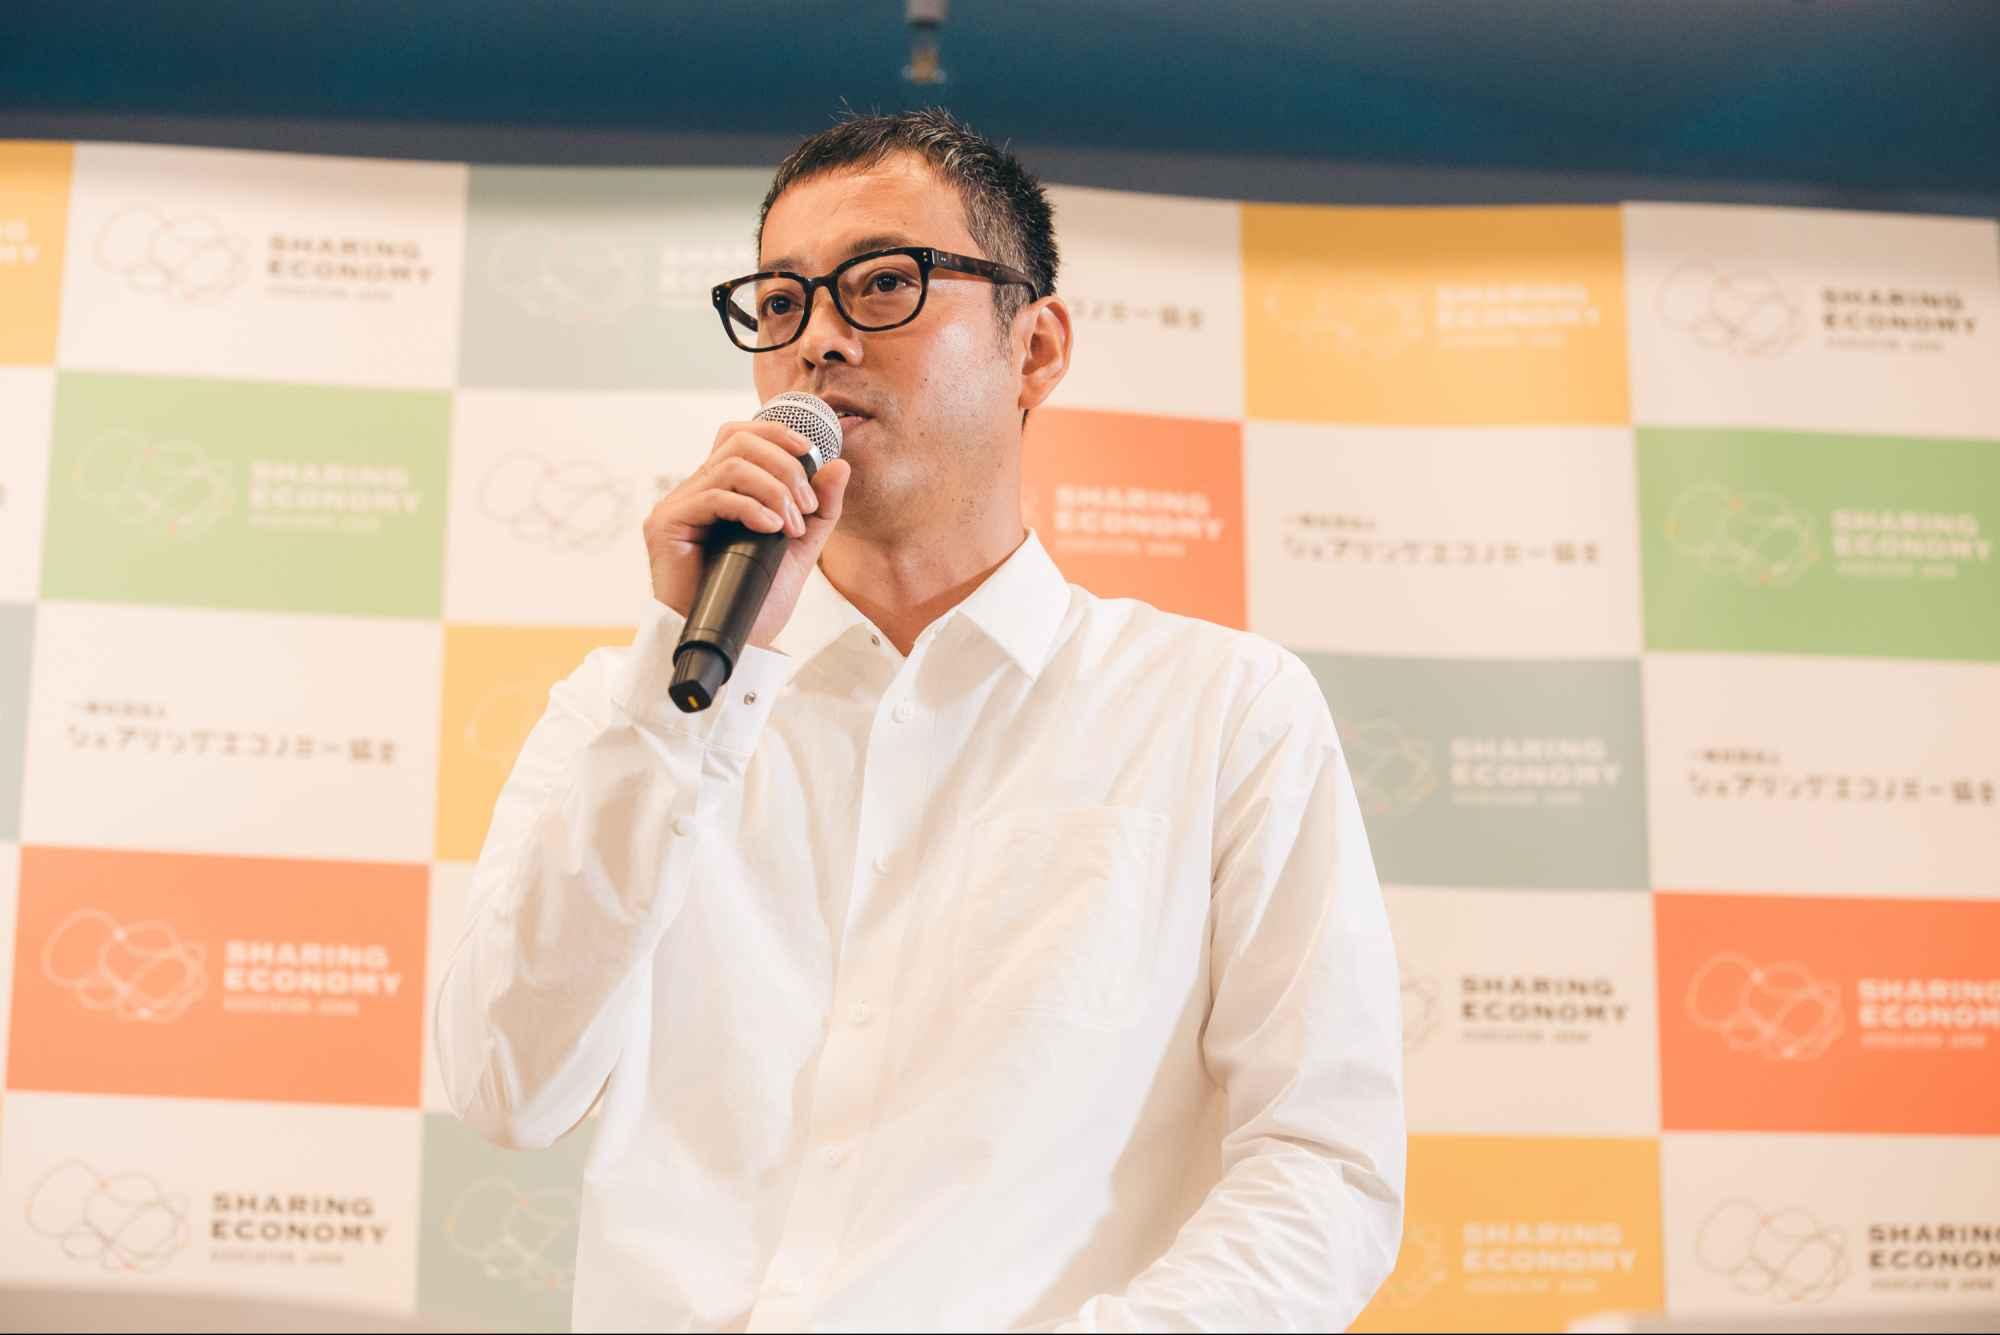 シェアリングエコノミー協会事務局長 佐別当隆志氏